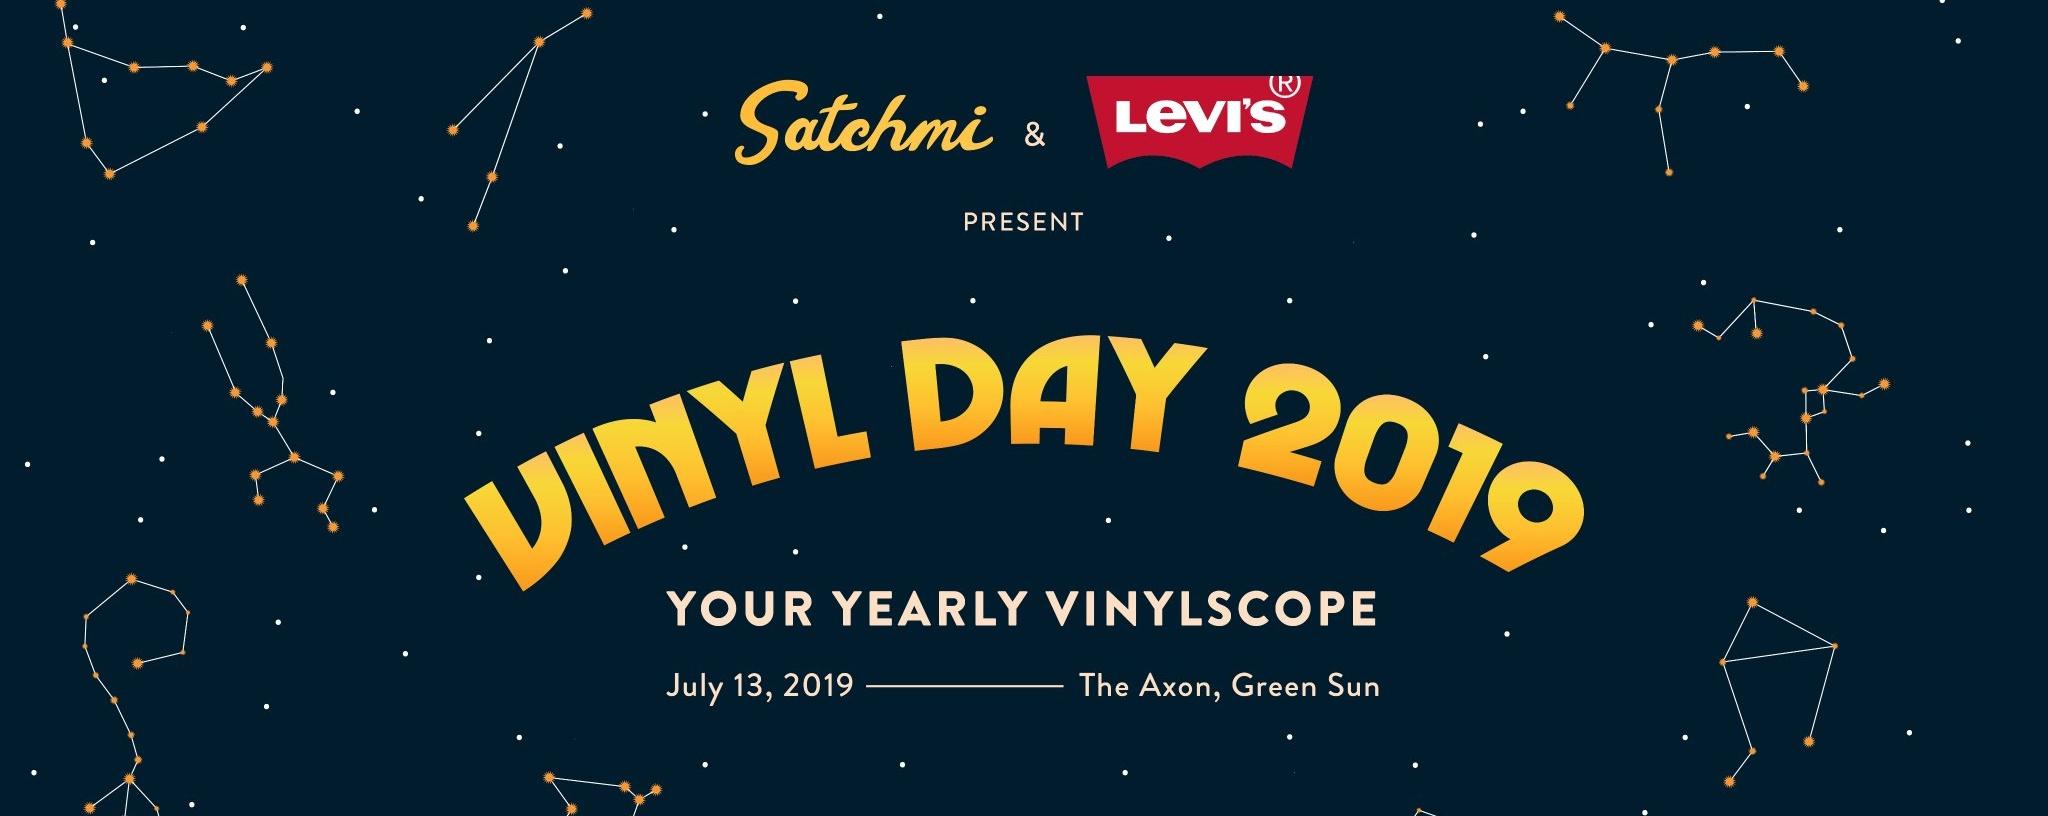 Satchmi Vinyl Day 2019